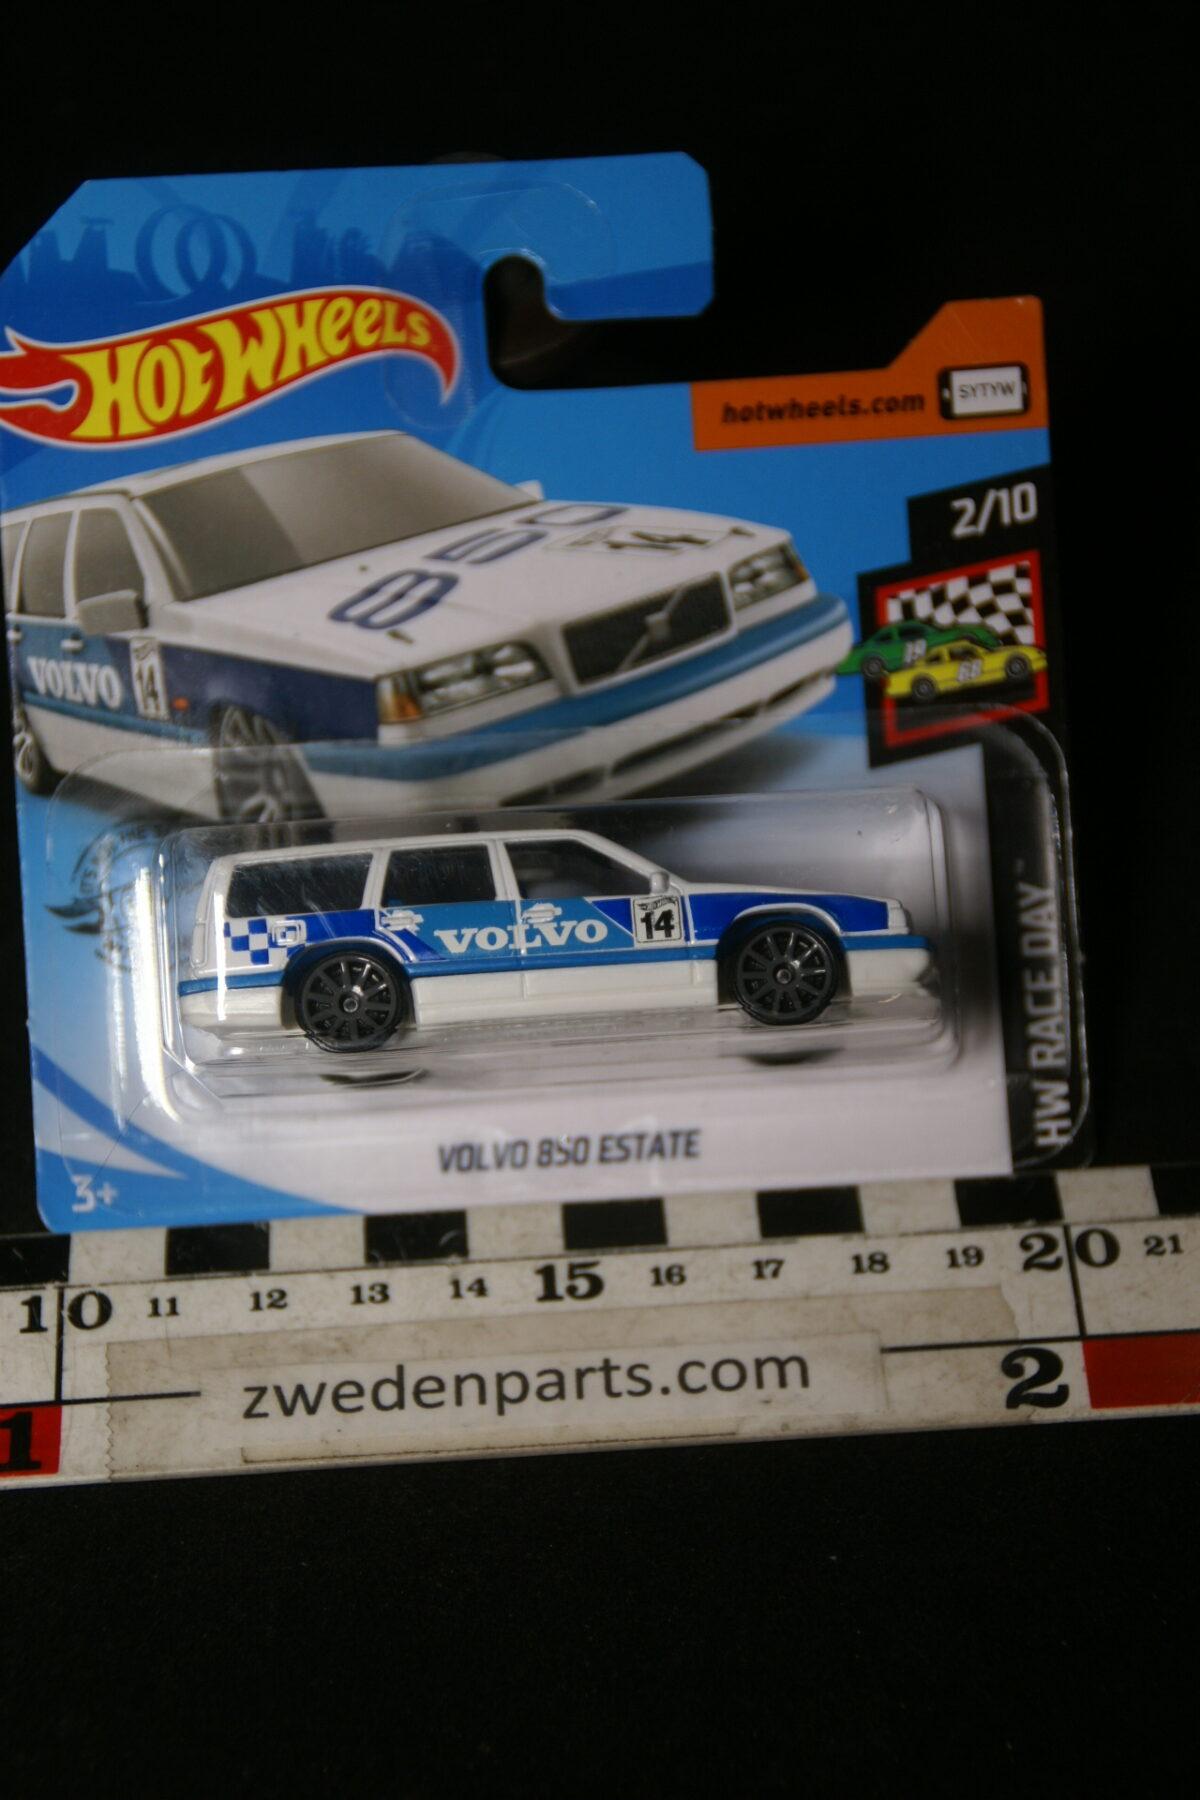 DSC02047 origineel miniatuur Volvo 850 estate racing Hotwheels MB-e8c18eec